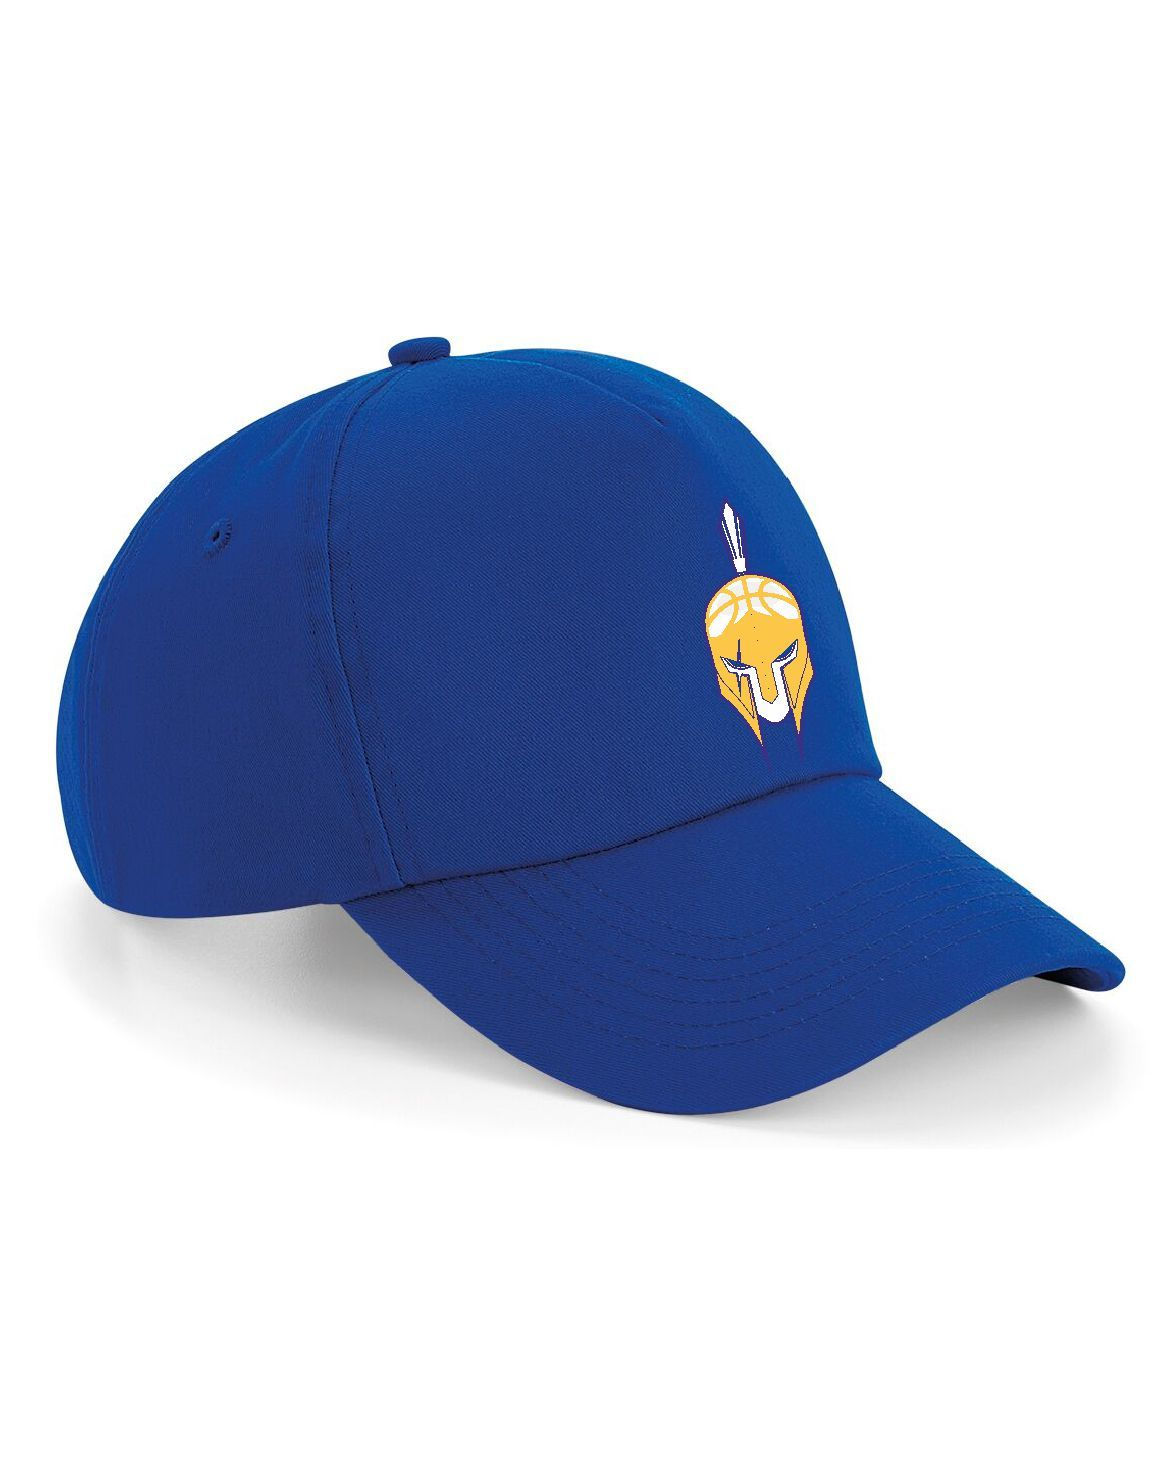 Warriors - Cap (Royal Blue)